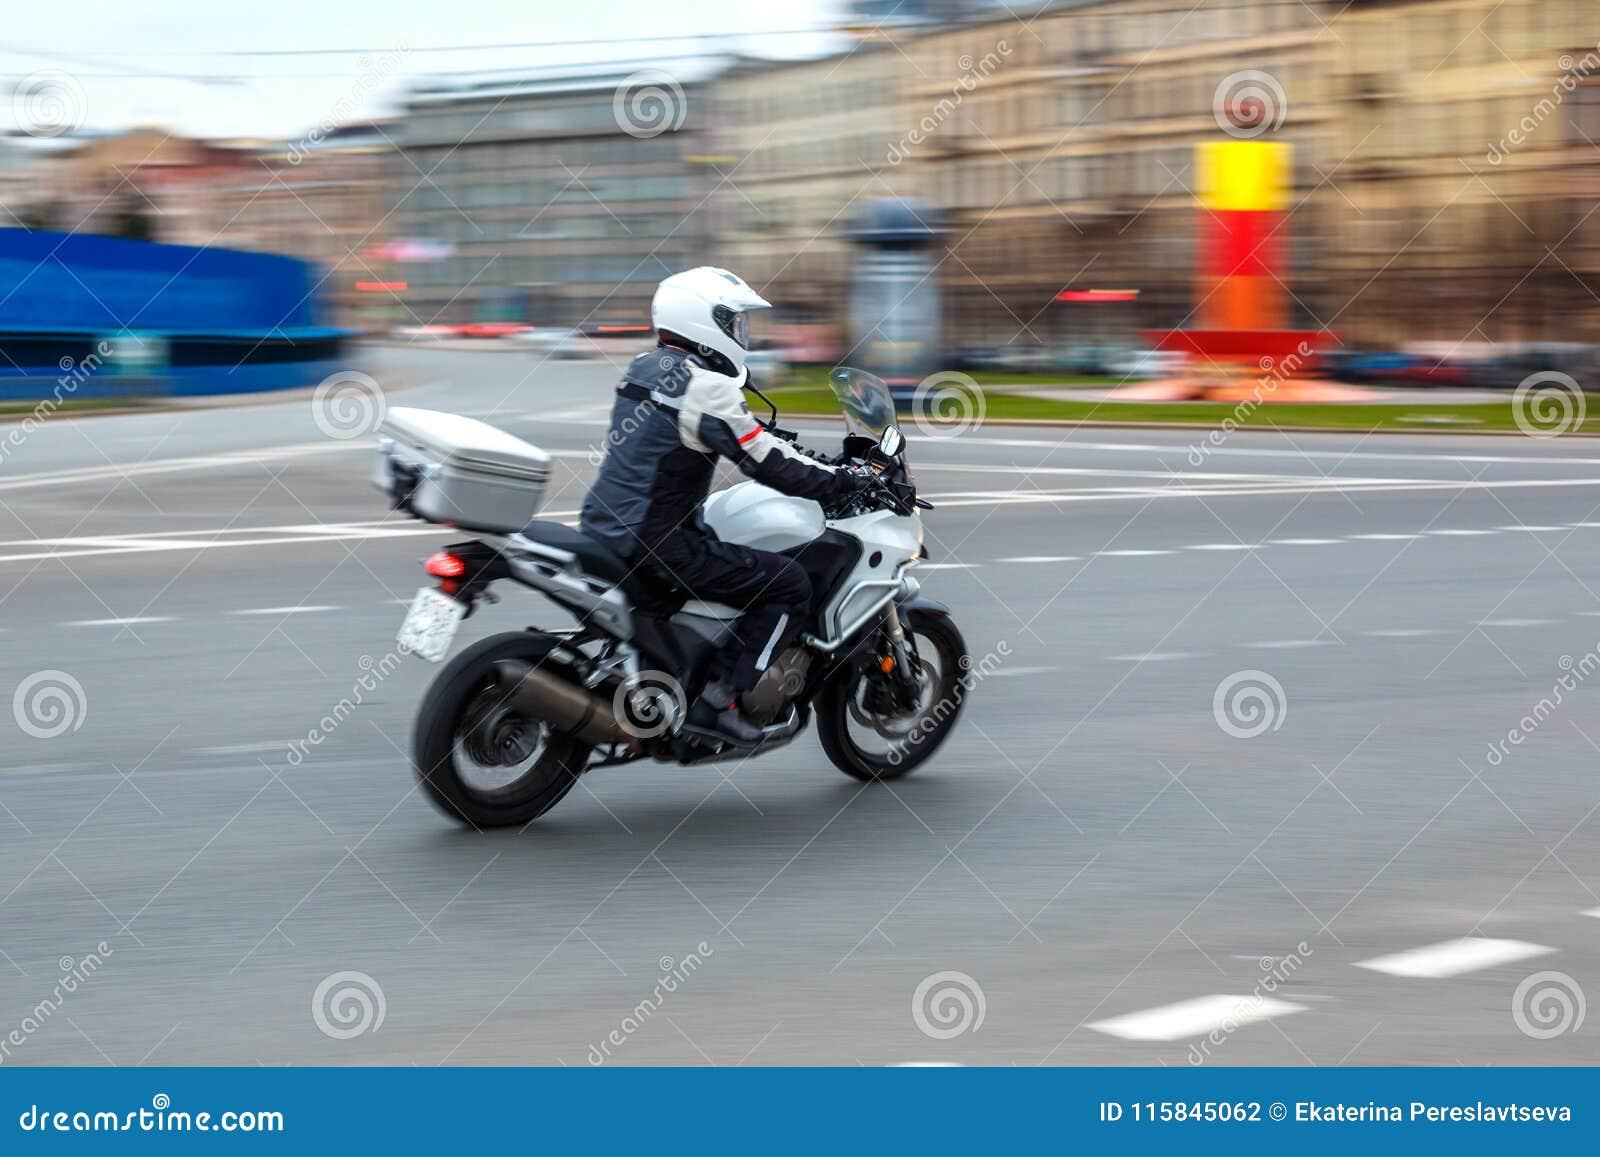 Motorcykelritter med hastighet på stadsvägar